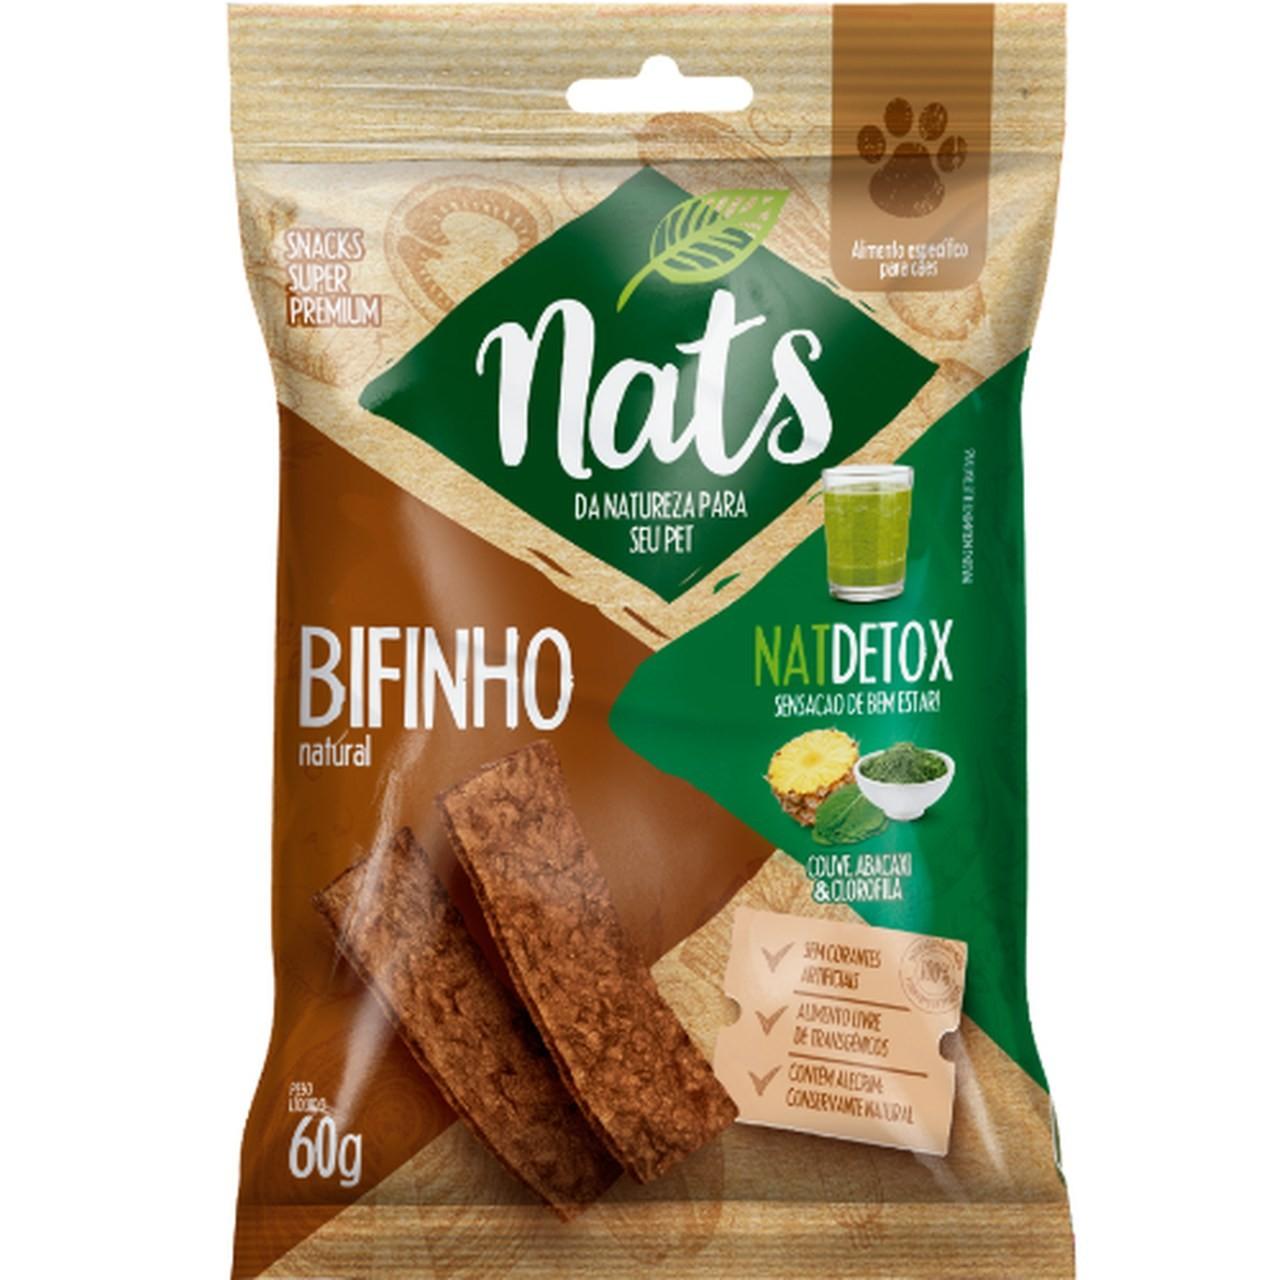 Bifinho Natural Nats NatDetox para Cães 60g